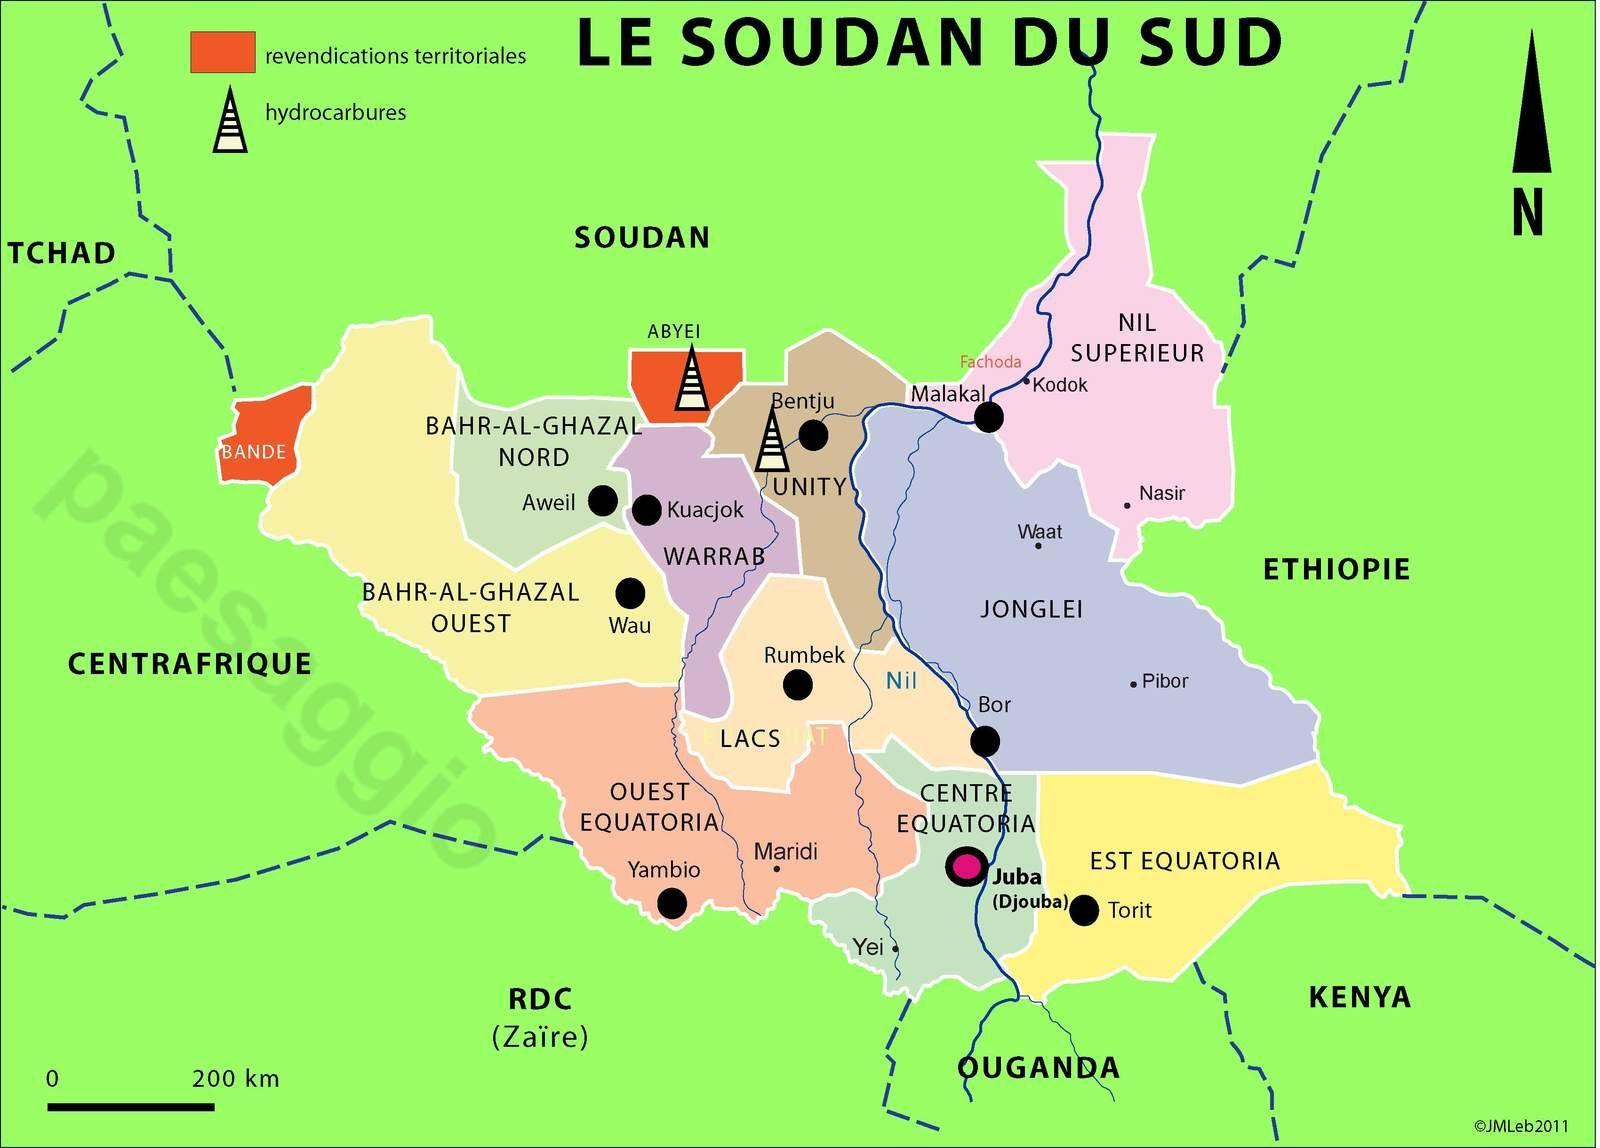 Sud-Soudan, naissance d'une nation ?